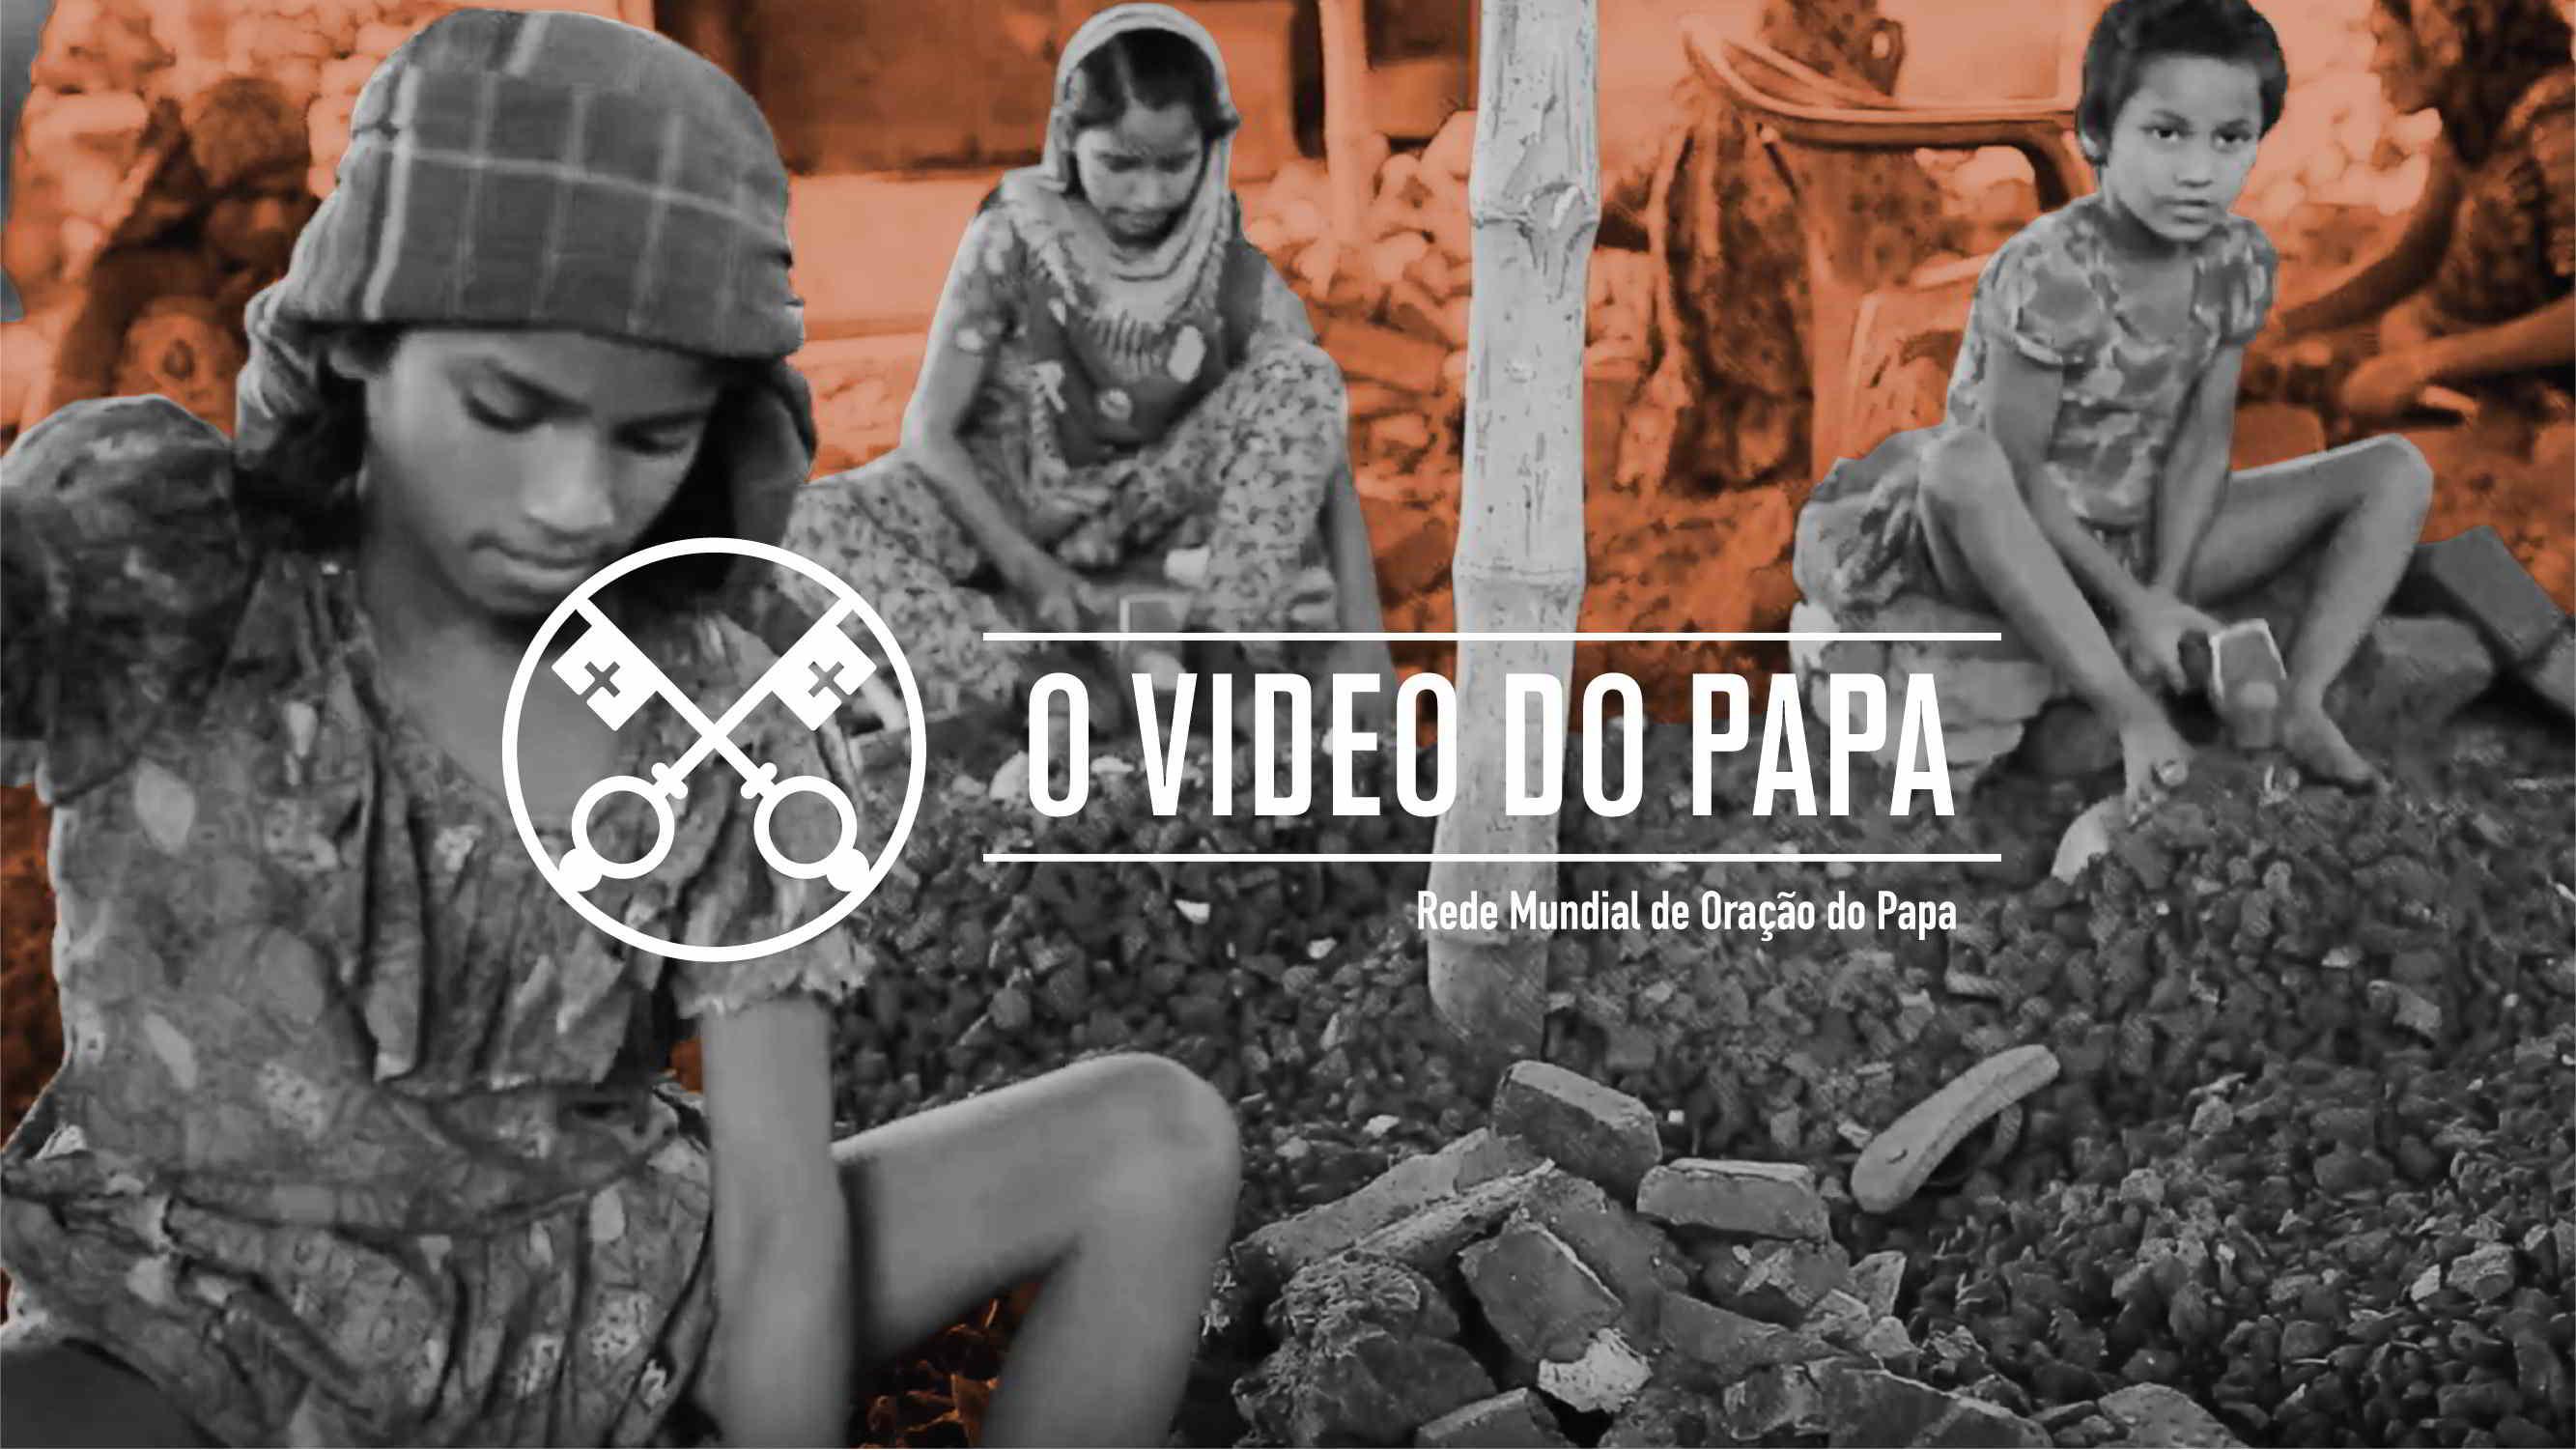 Official Image - TPV 2 2019 - 4 PT - O Video do Papa - Tráfico de pessoas